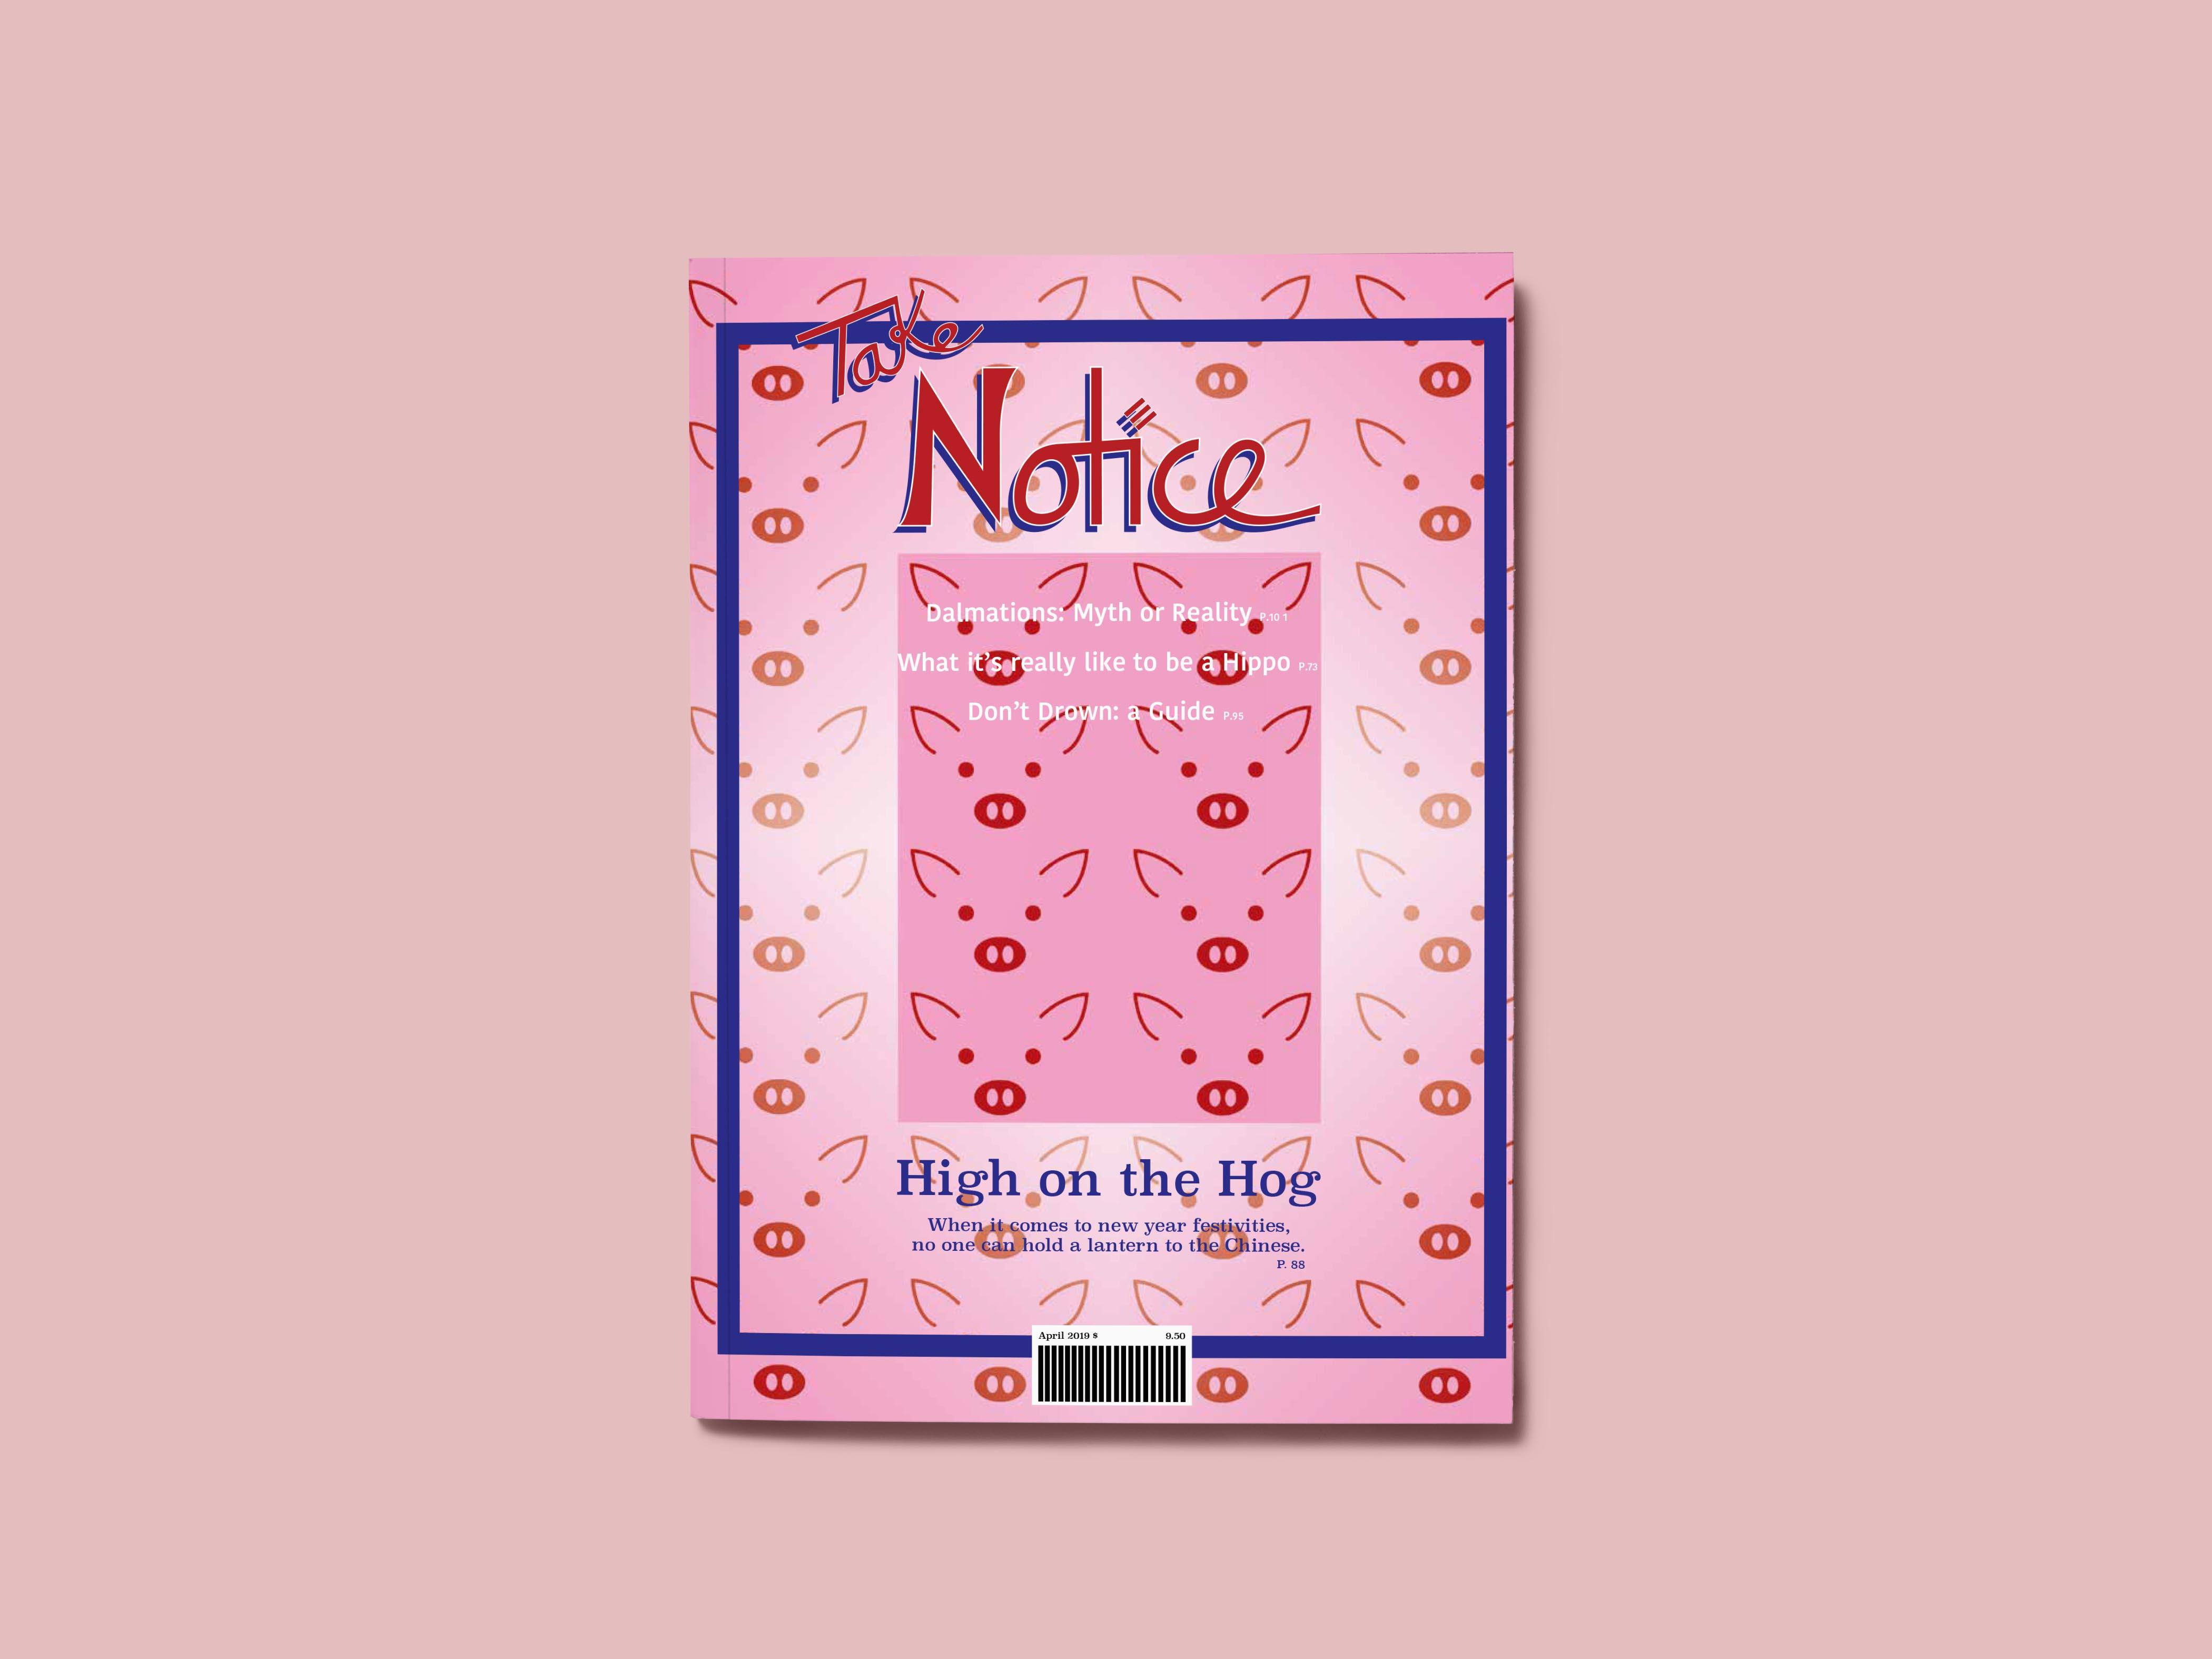 Image of magazine layout